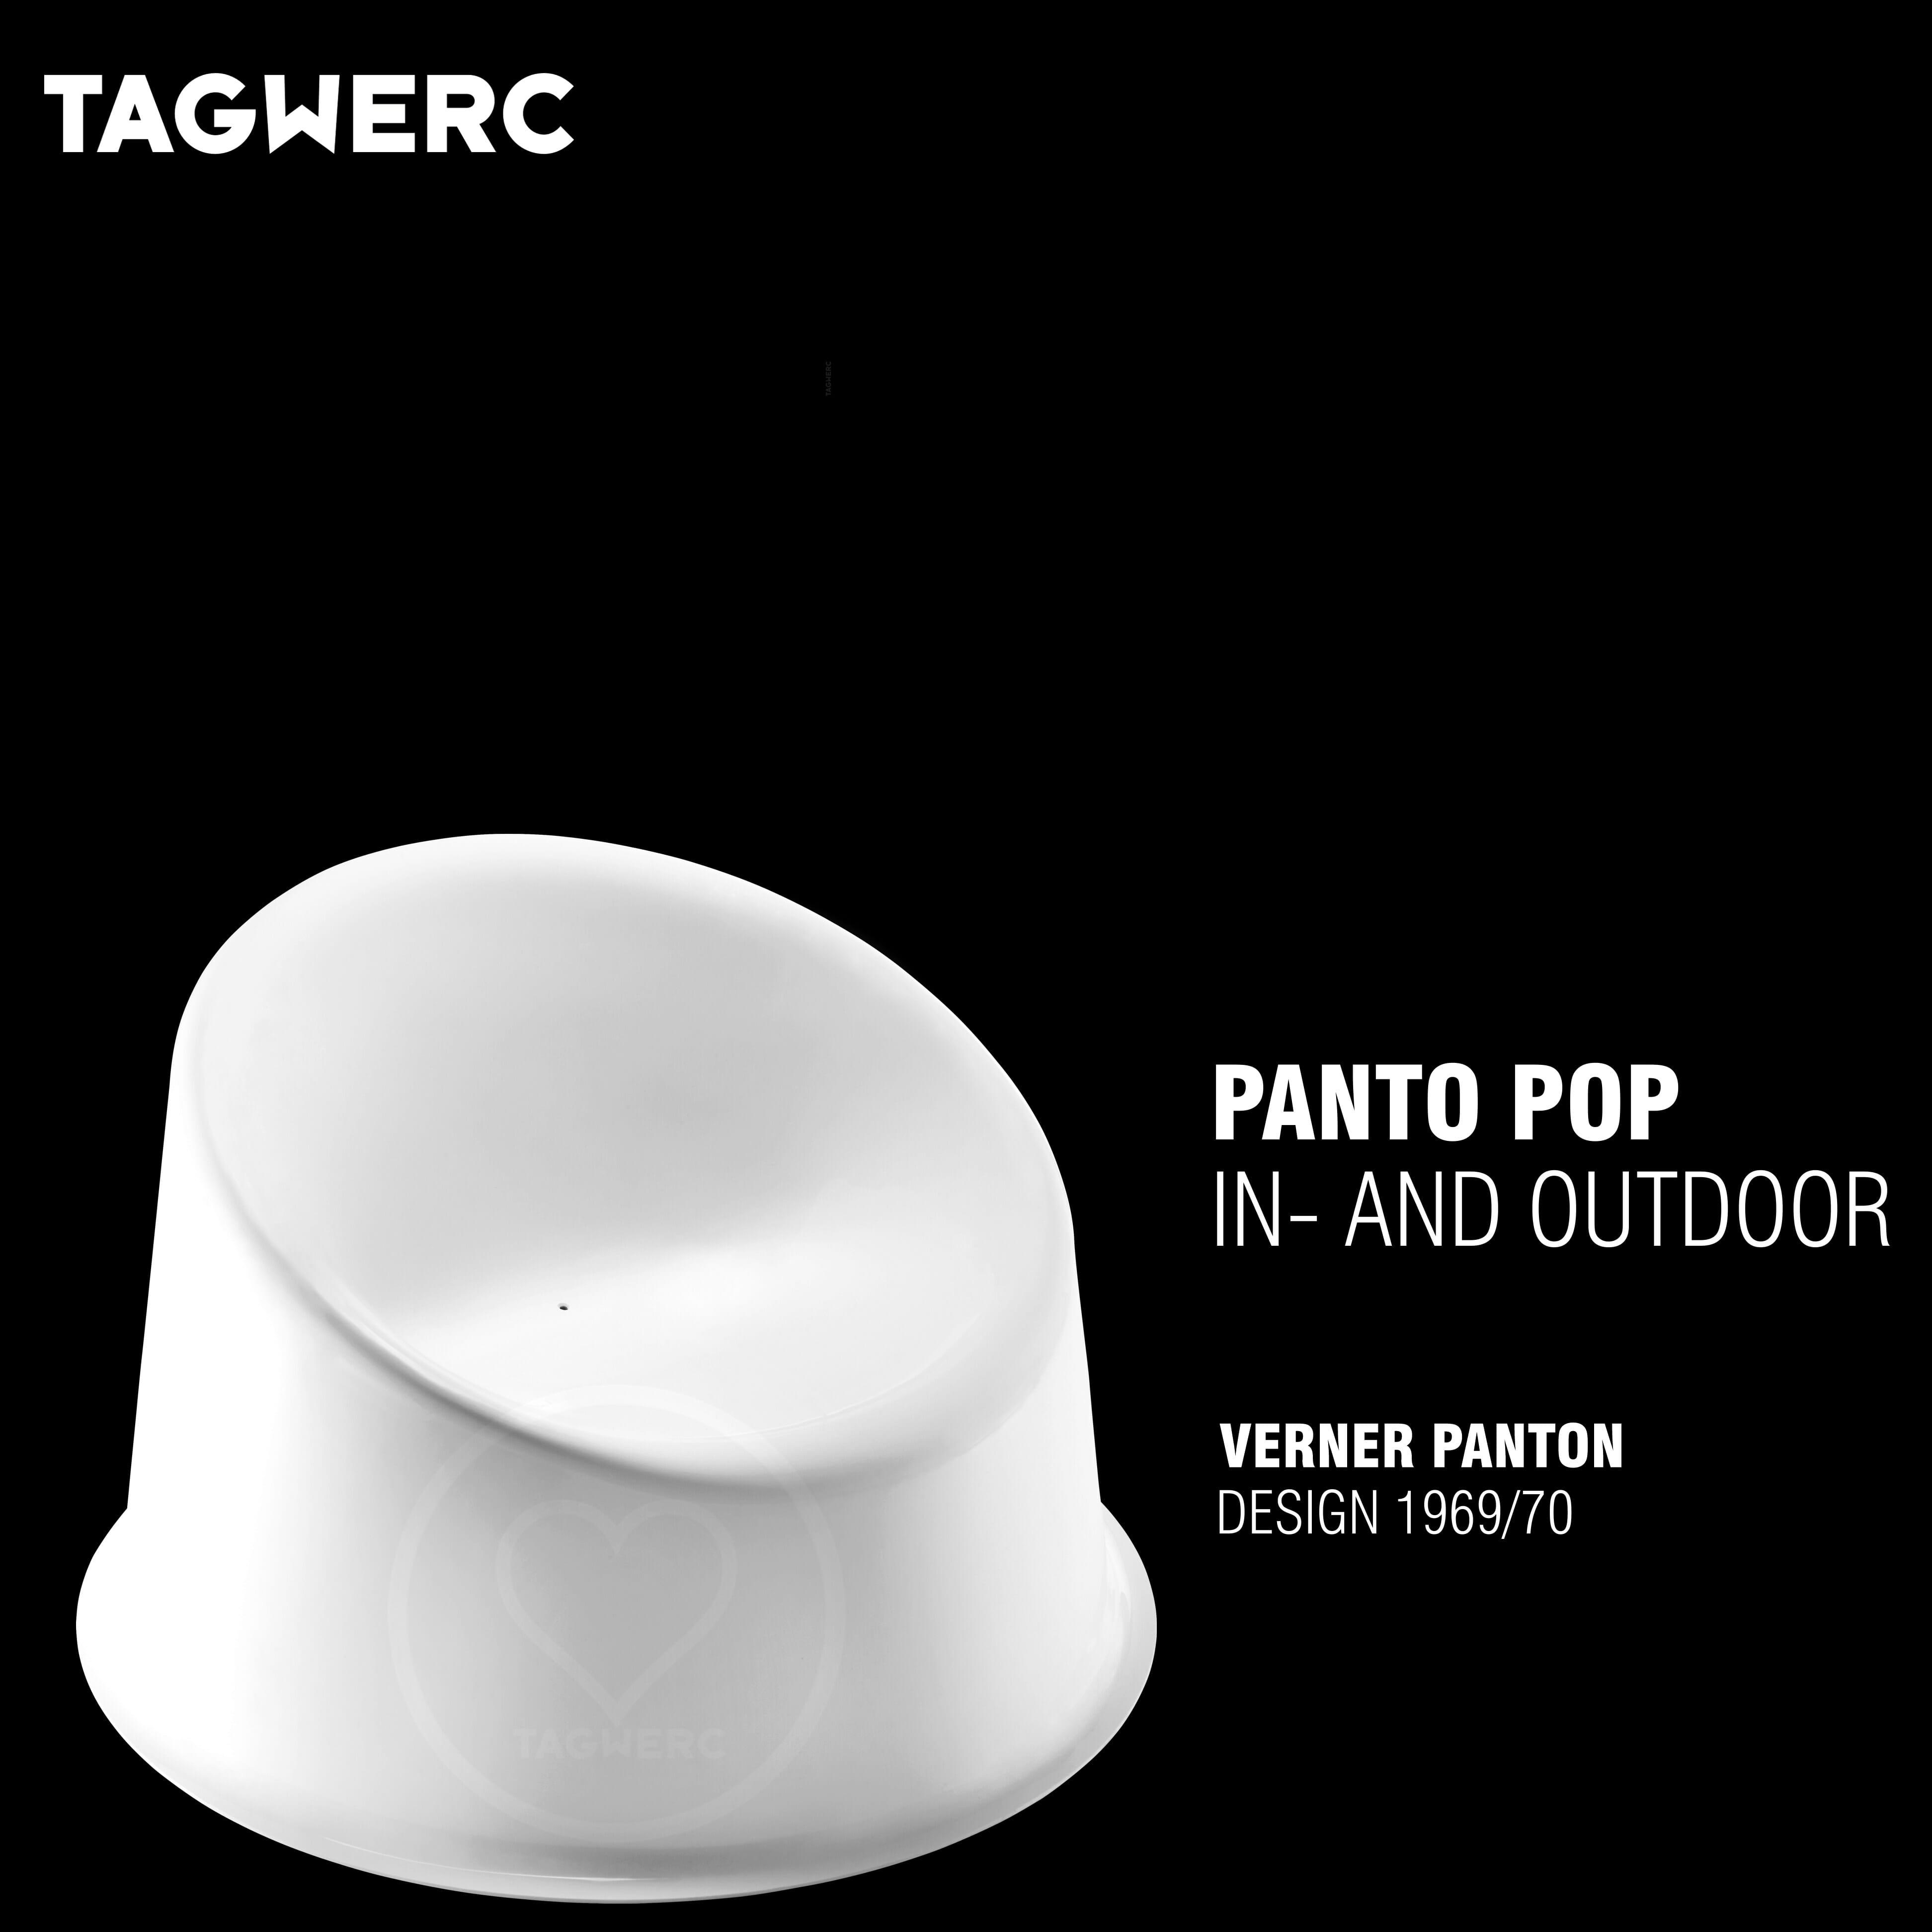 Verpan Panto Pop Red White Chair Indoor Outdoor Verner